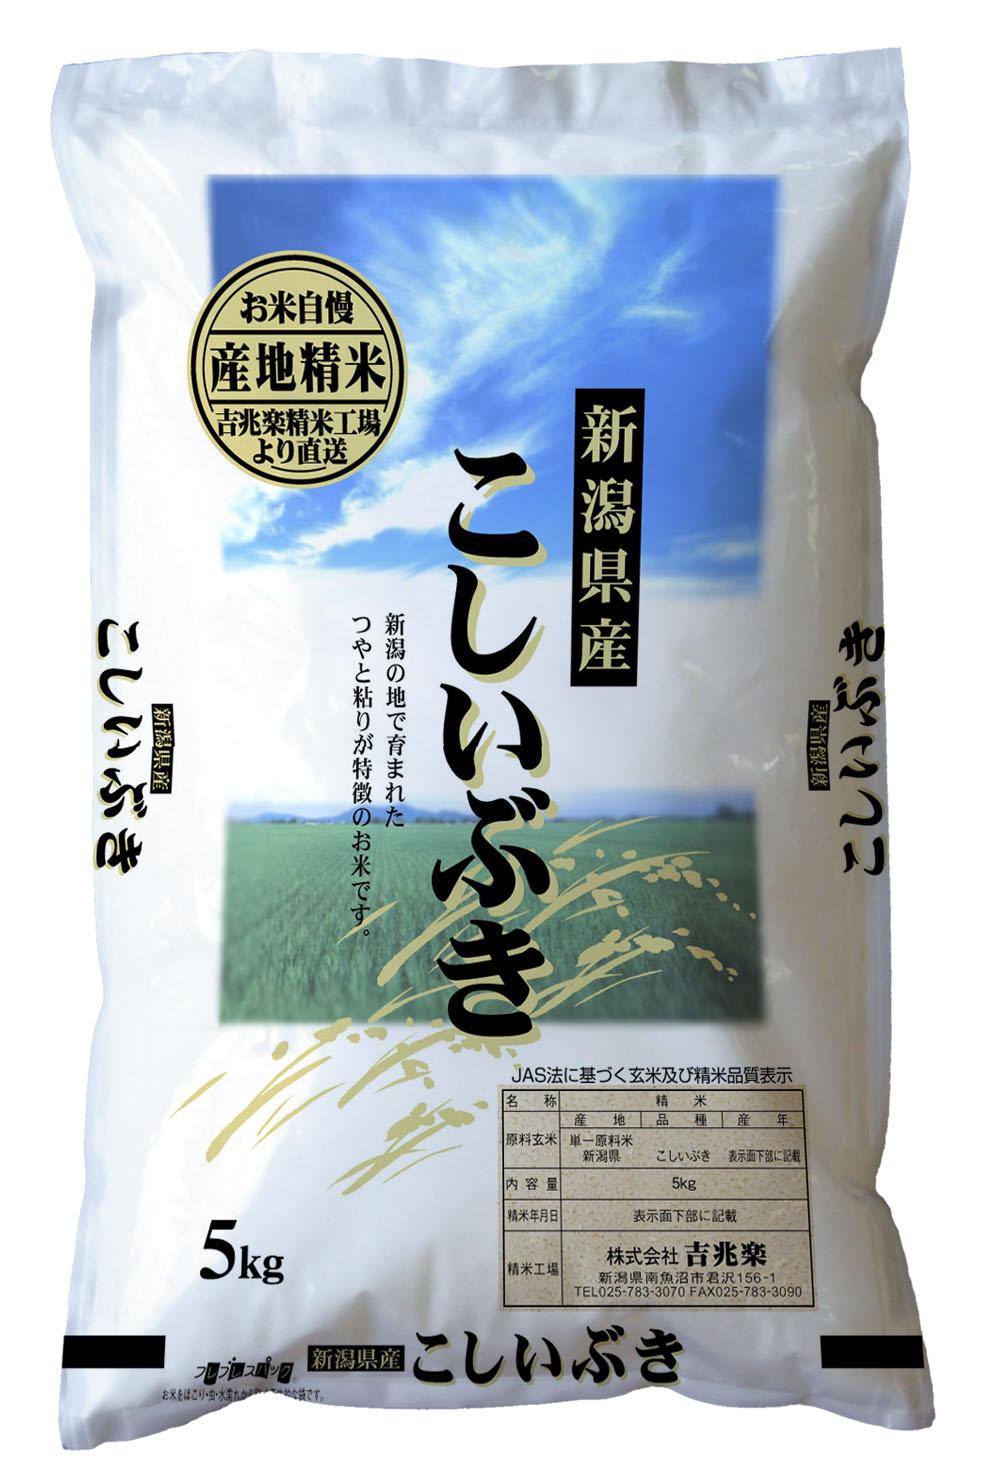 吉兆楽 新潟県産こしいぶき 5kg